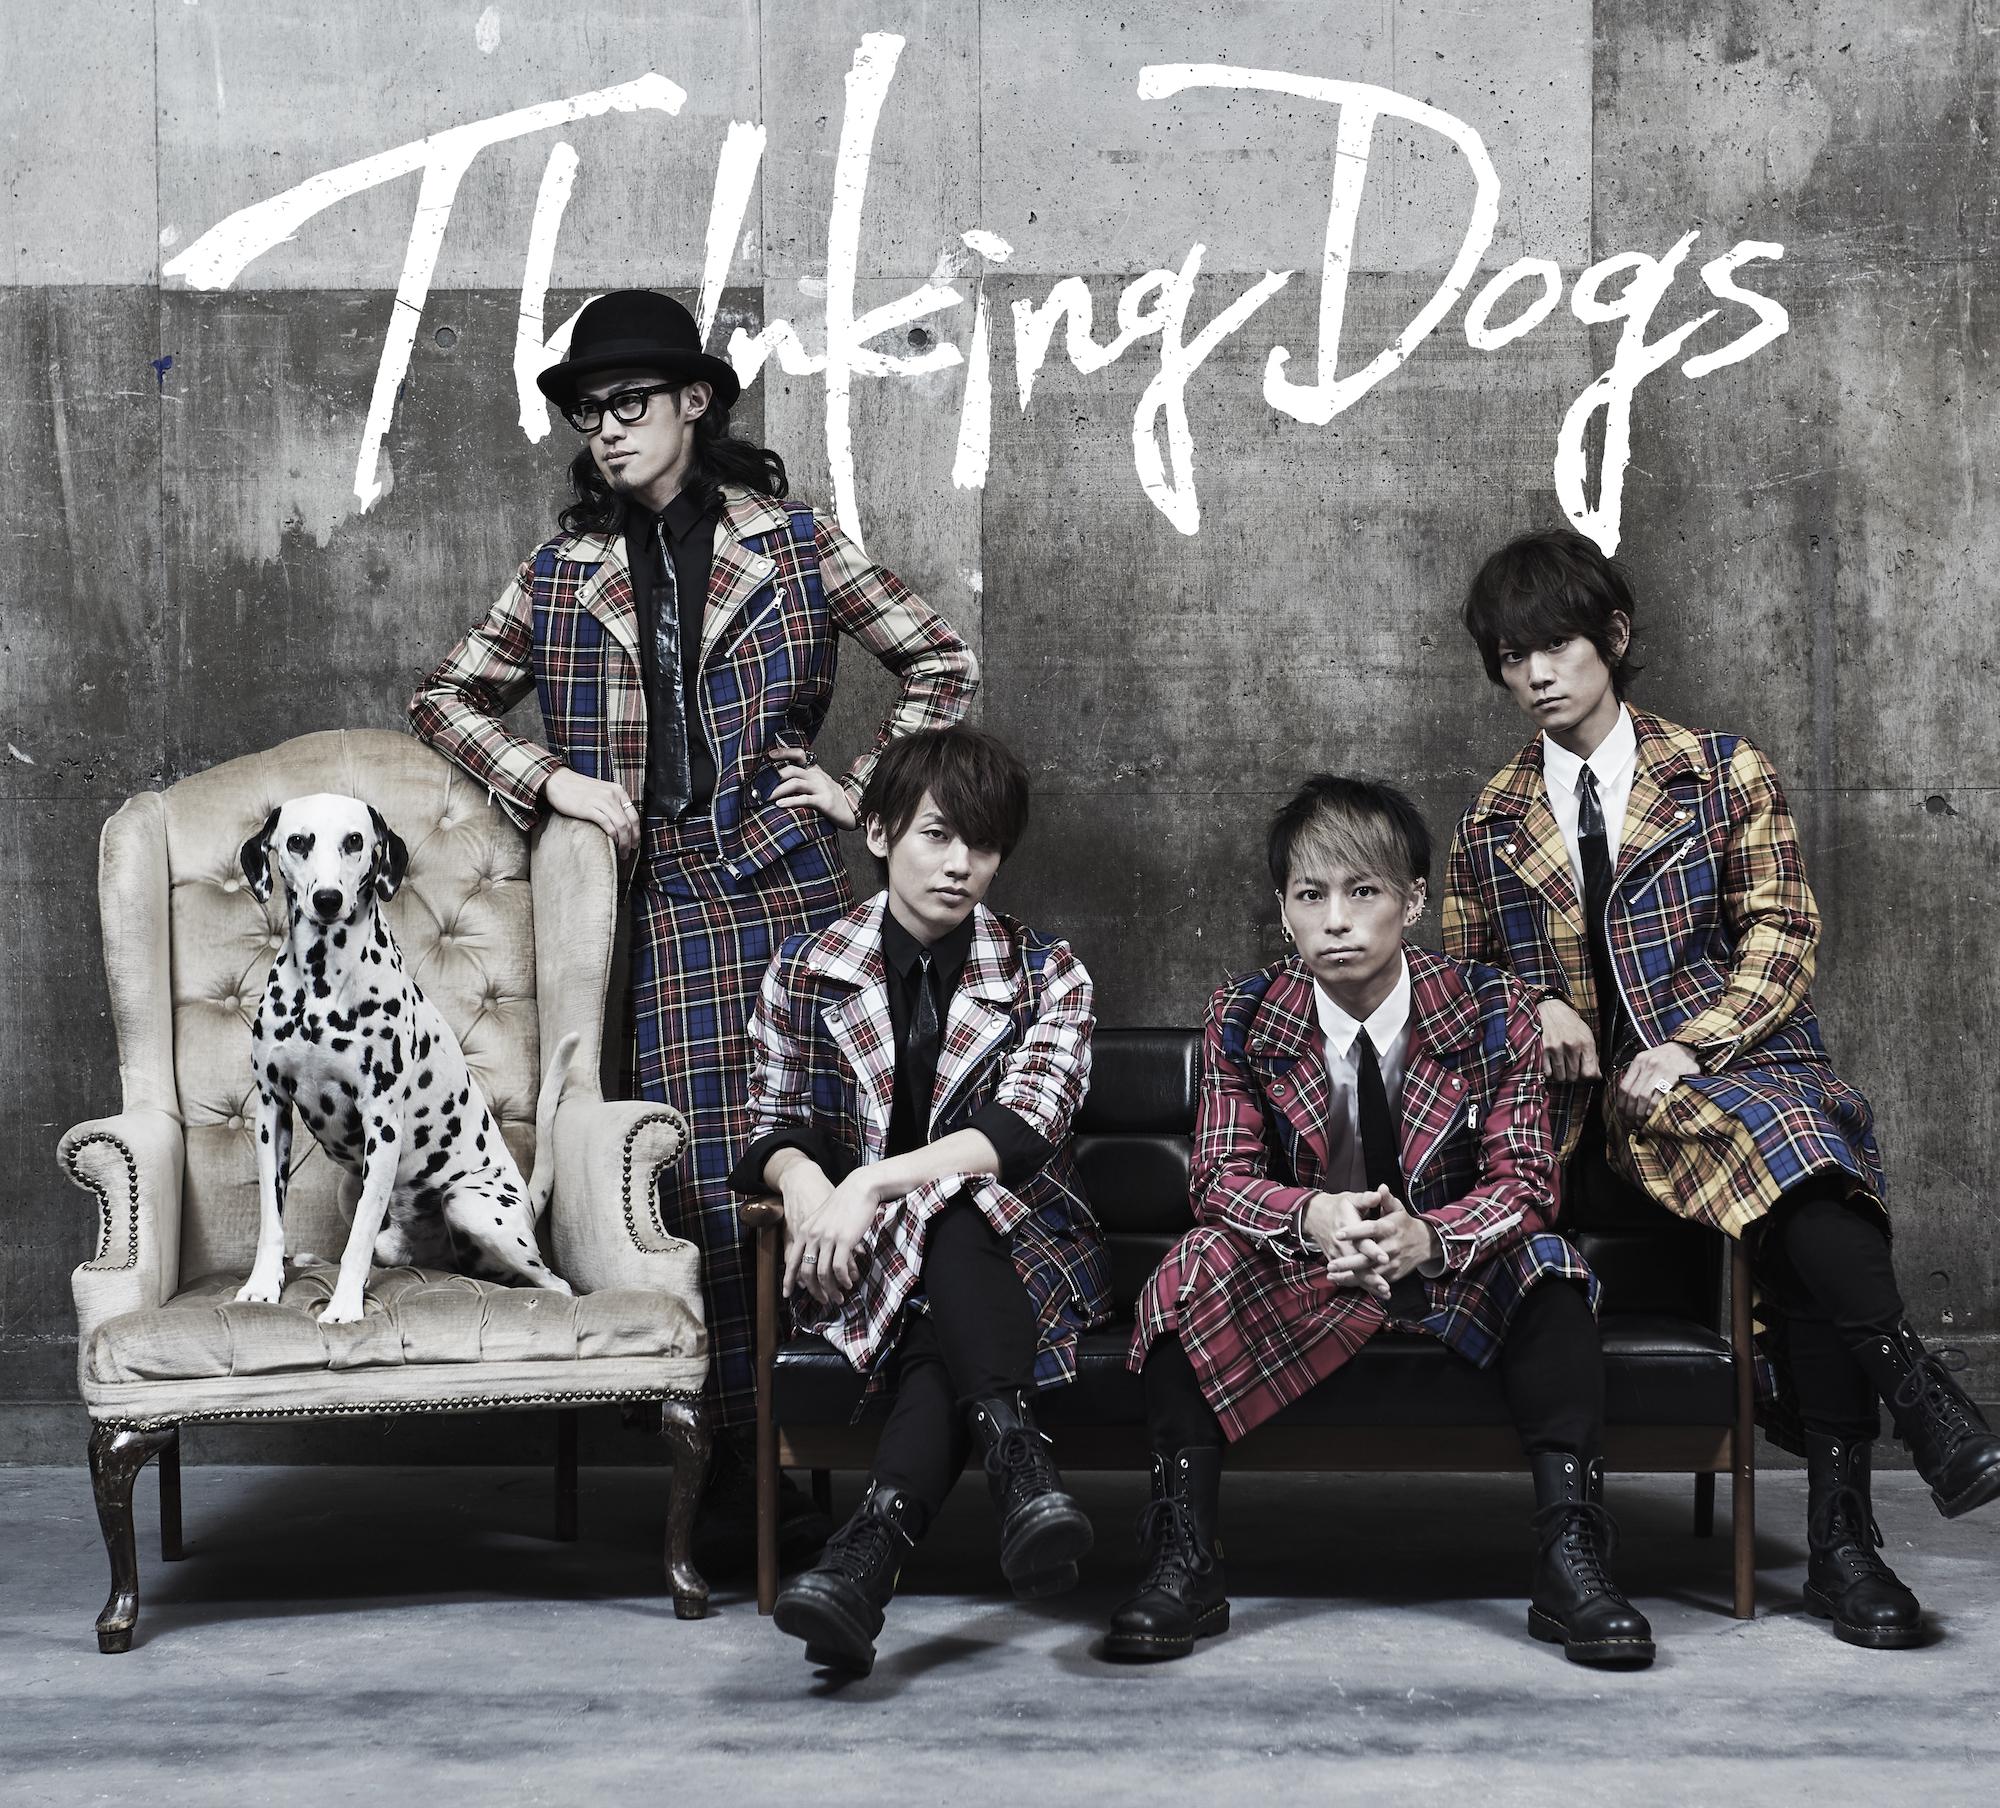 Thinking Dogs 6thシングル『愛は奇跡じゃない』リリースSP!